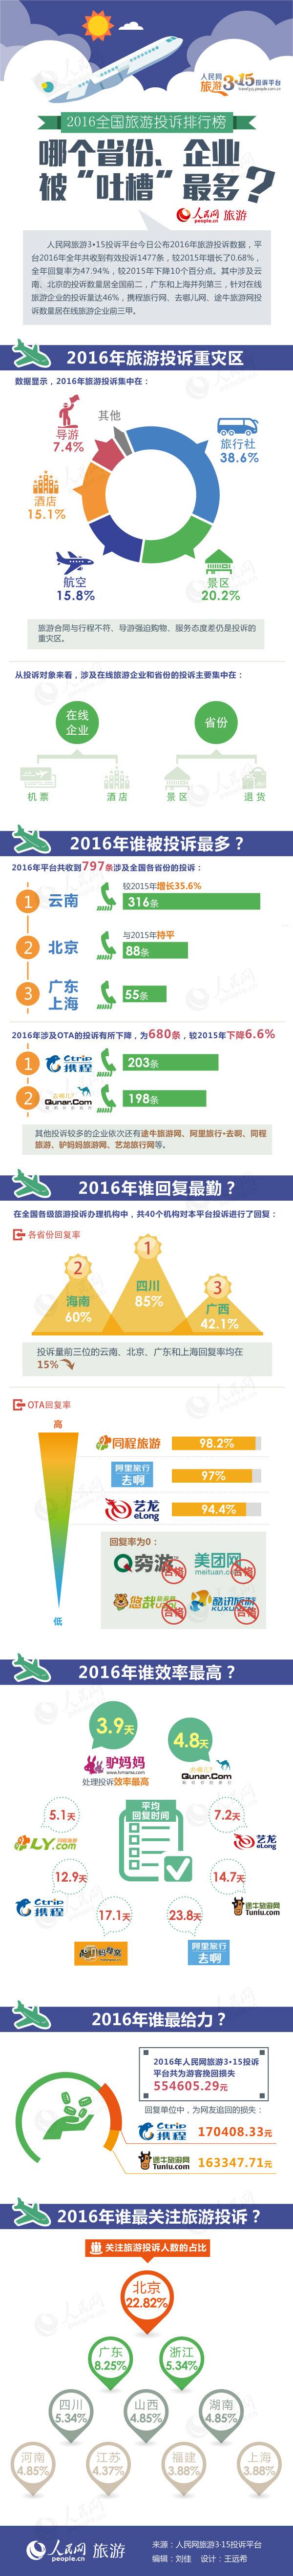 """第36期2016全国旅游投诉排行榜出炉 谁被""""吐槽""""最多?人民网旅游3・15投诉平台今日公布2016年旅游投诉数据,平台2016年全年共收到有效投诉1477条,较2015年增长了0.68%,全年回复率为47.94%,较2015年下降10个百分点。其中涉及云南、北京的投诉数量居全国前二,广东和上海并列第三,针对在线旅游企业的投诉量达46%,携程旅行网、去哪儿网、途牛旅游网投诉数量居在线旅游企业前三甲。"""